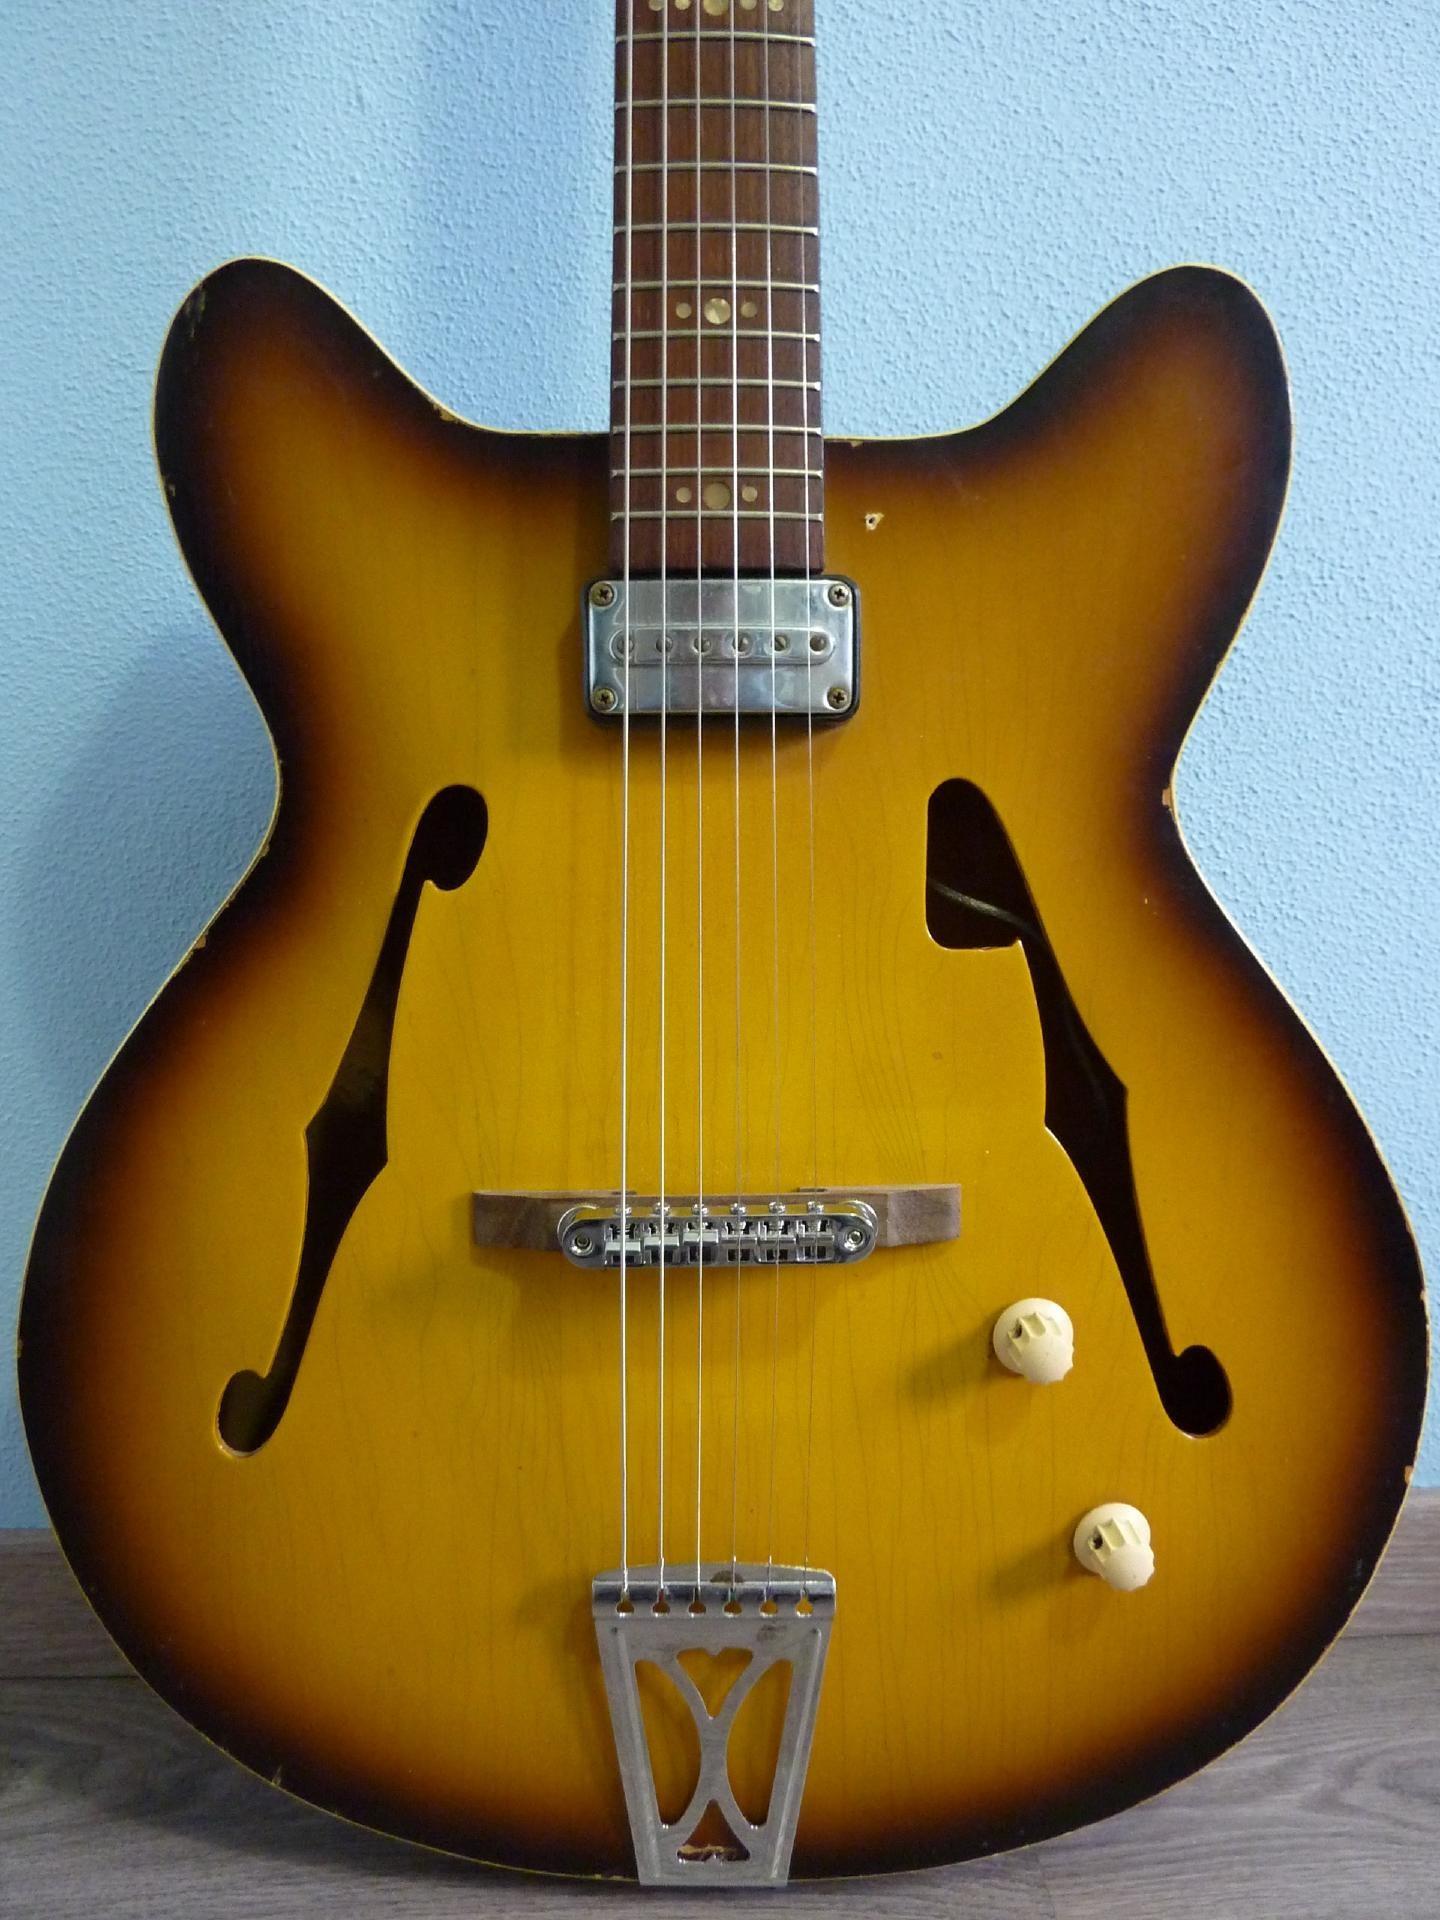 60 39 s egmond princess buy vintage egmond guitar at hender amps vintage guitar shop. Black Bedroom Furniture Sets. Home Design Ideas